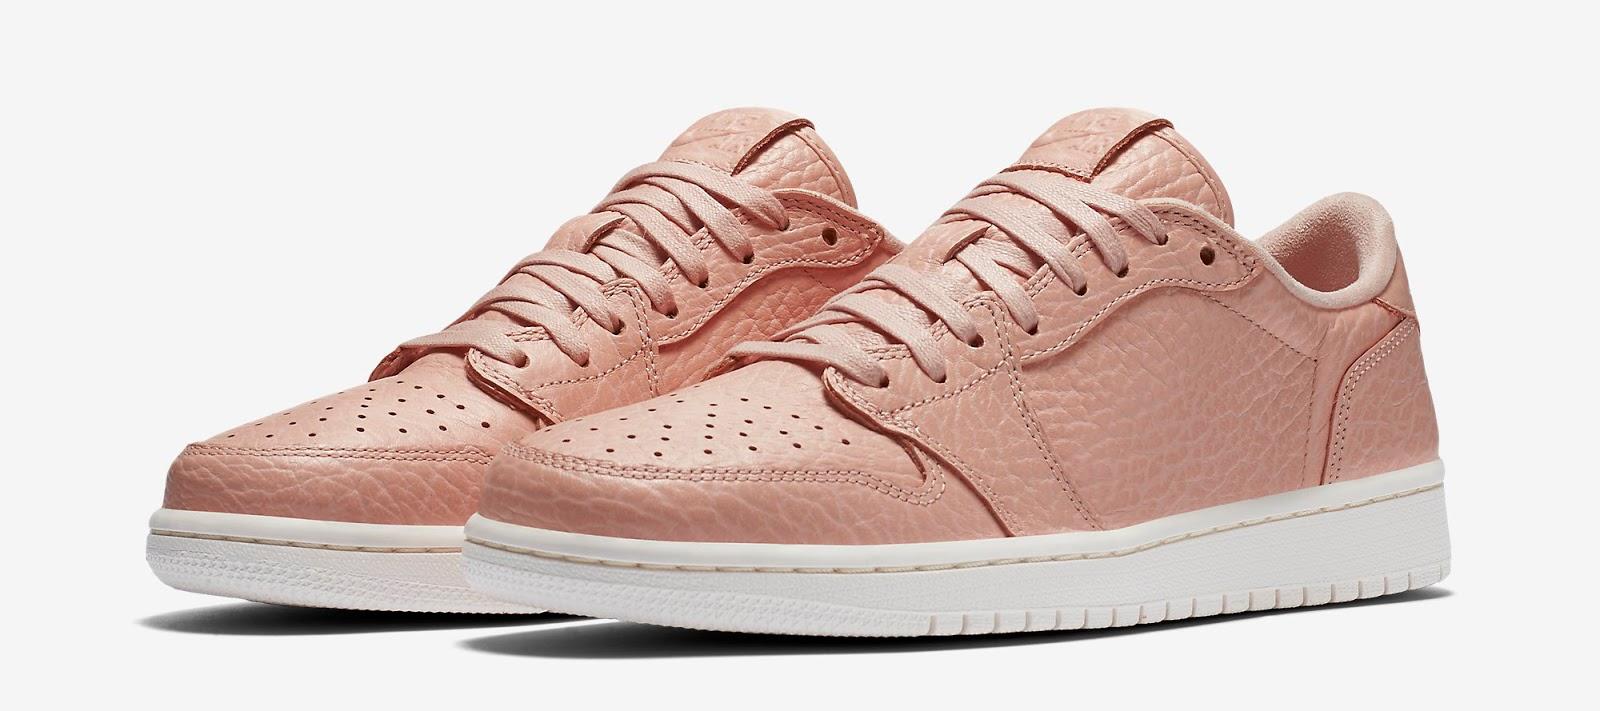 c76f99566697 ajordanxi Your  1 Source For Sneaker Release Dates  Air Jordan 1 ...